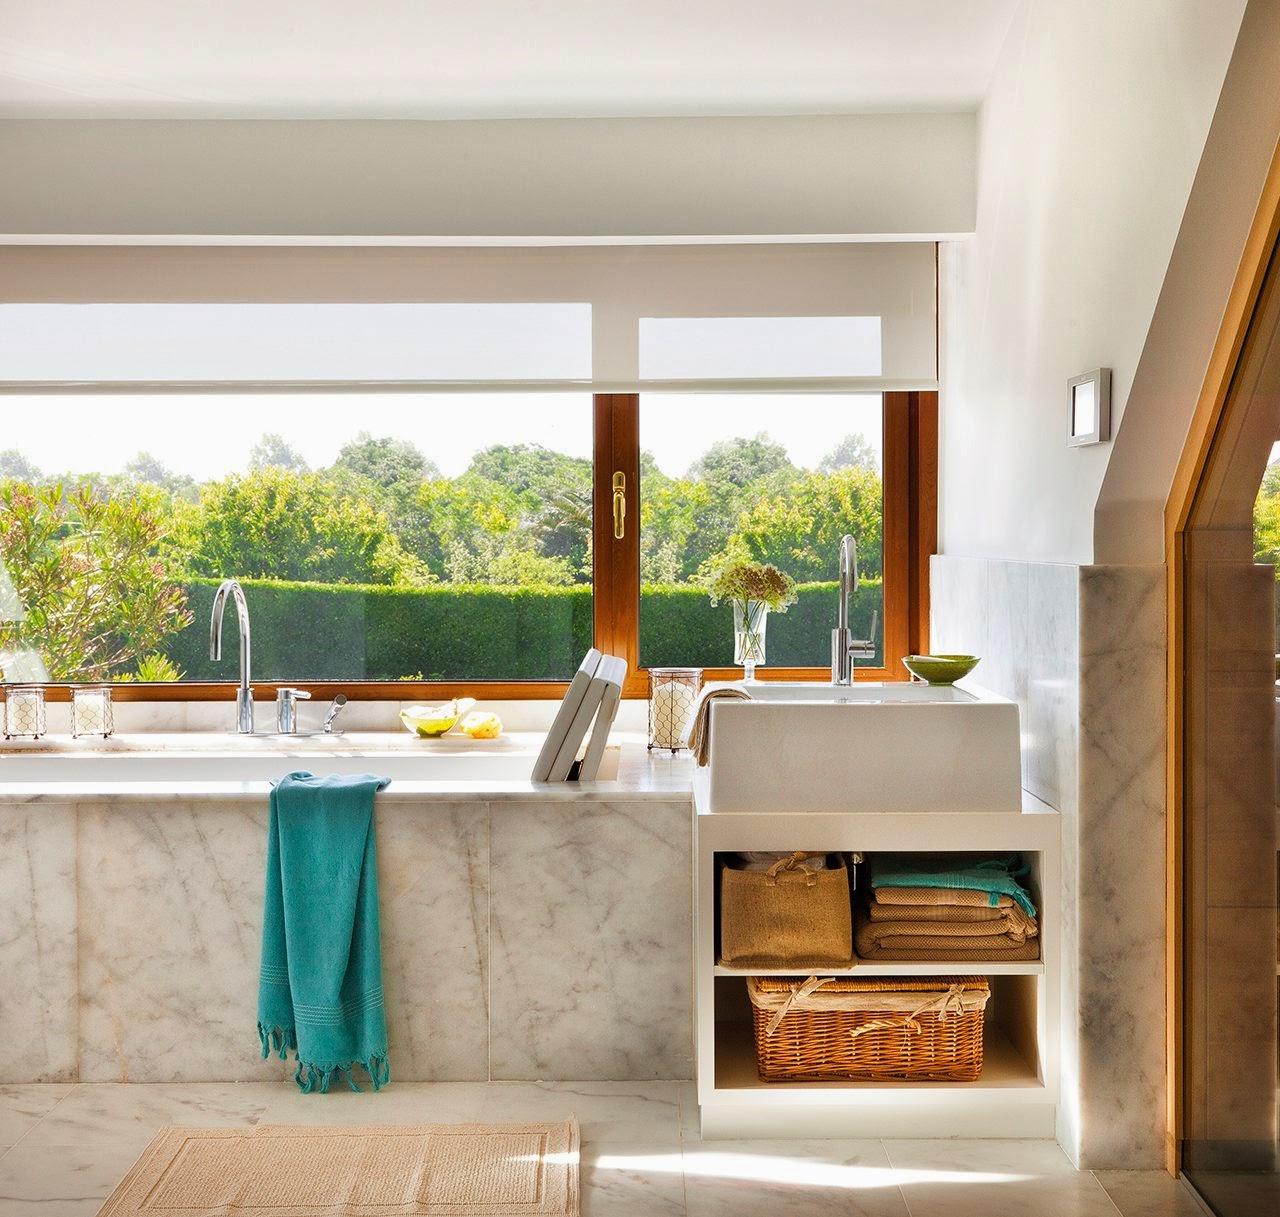 amenajare-baie-si-sauna-la-mansarda